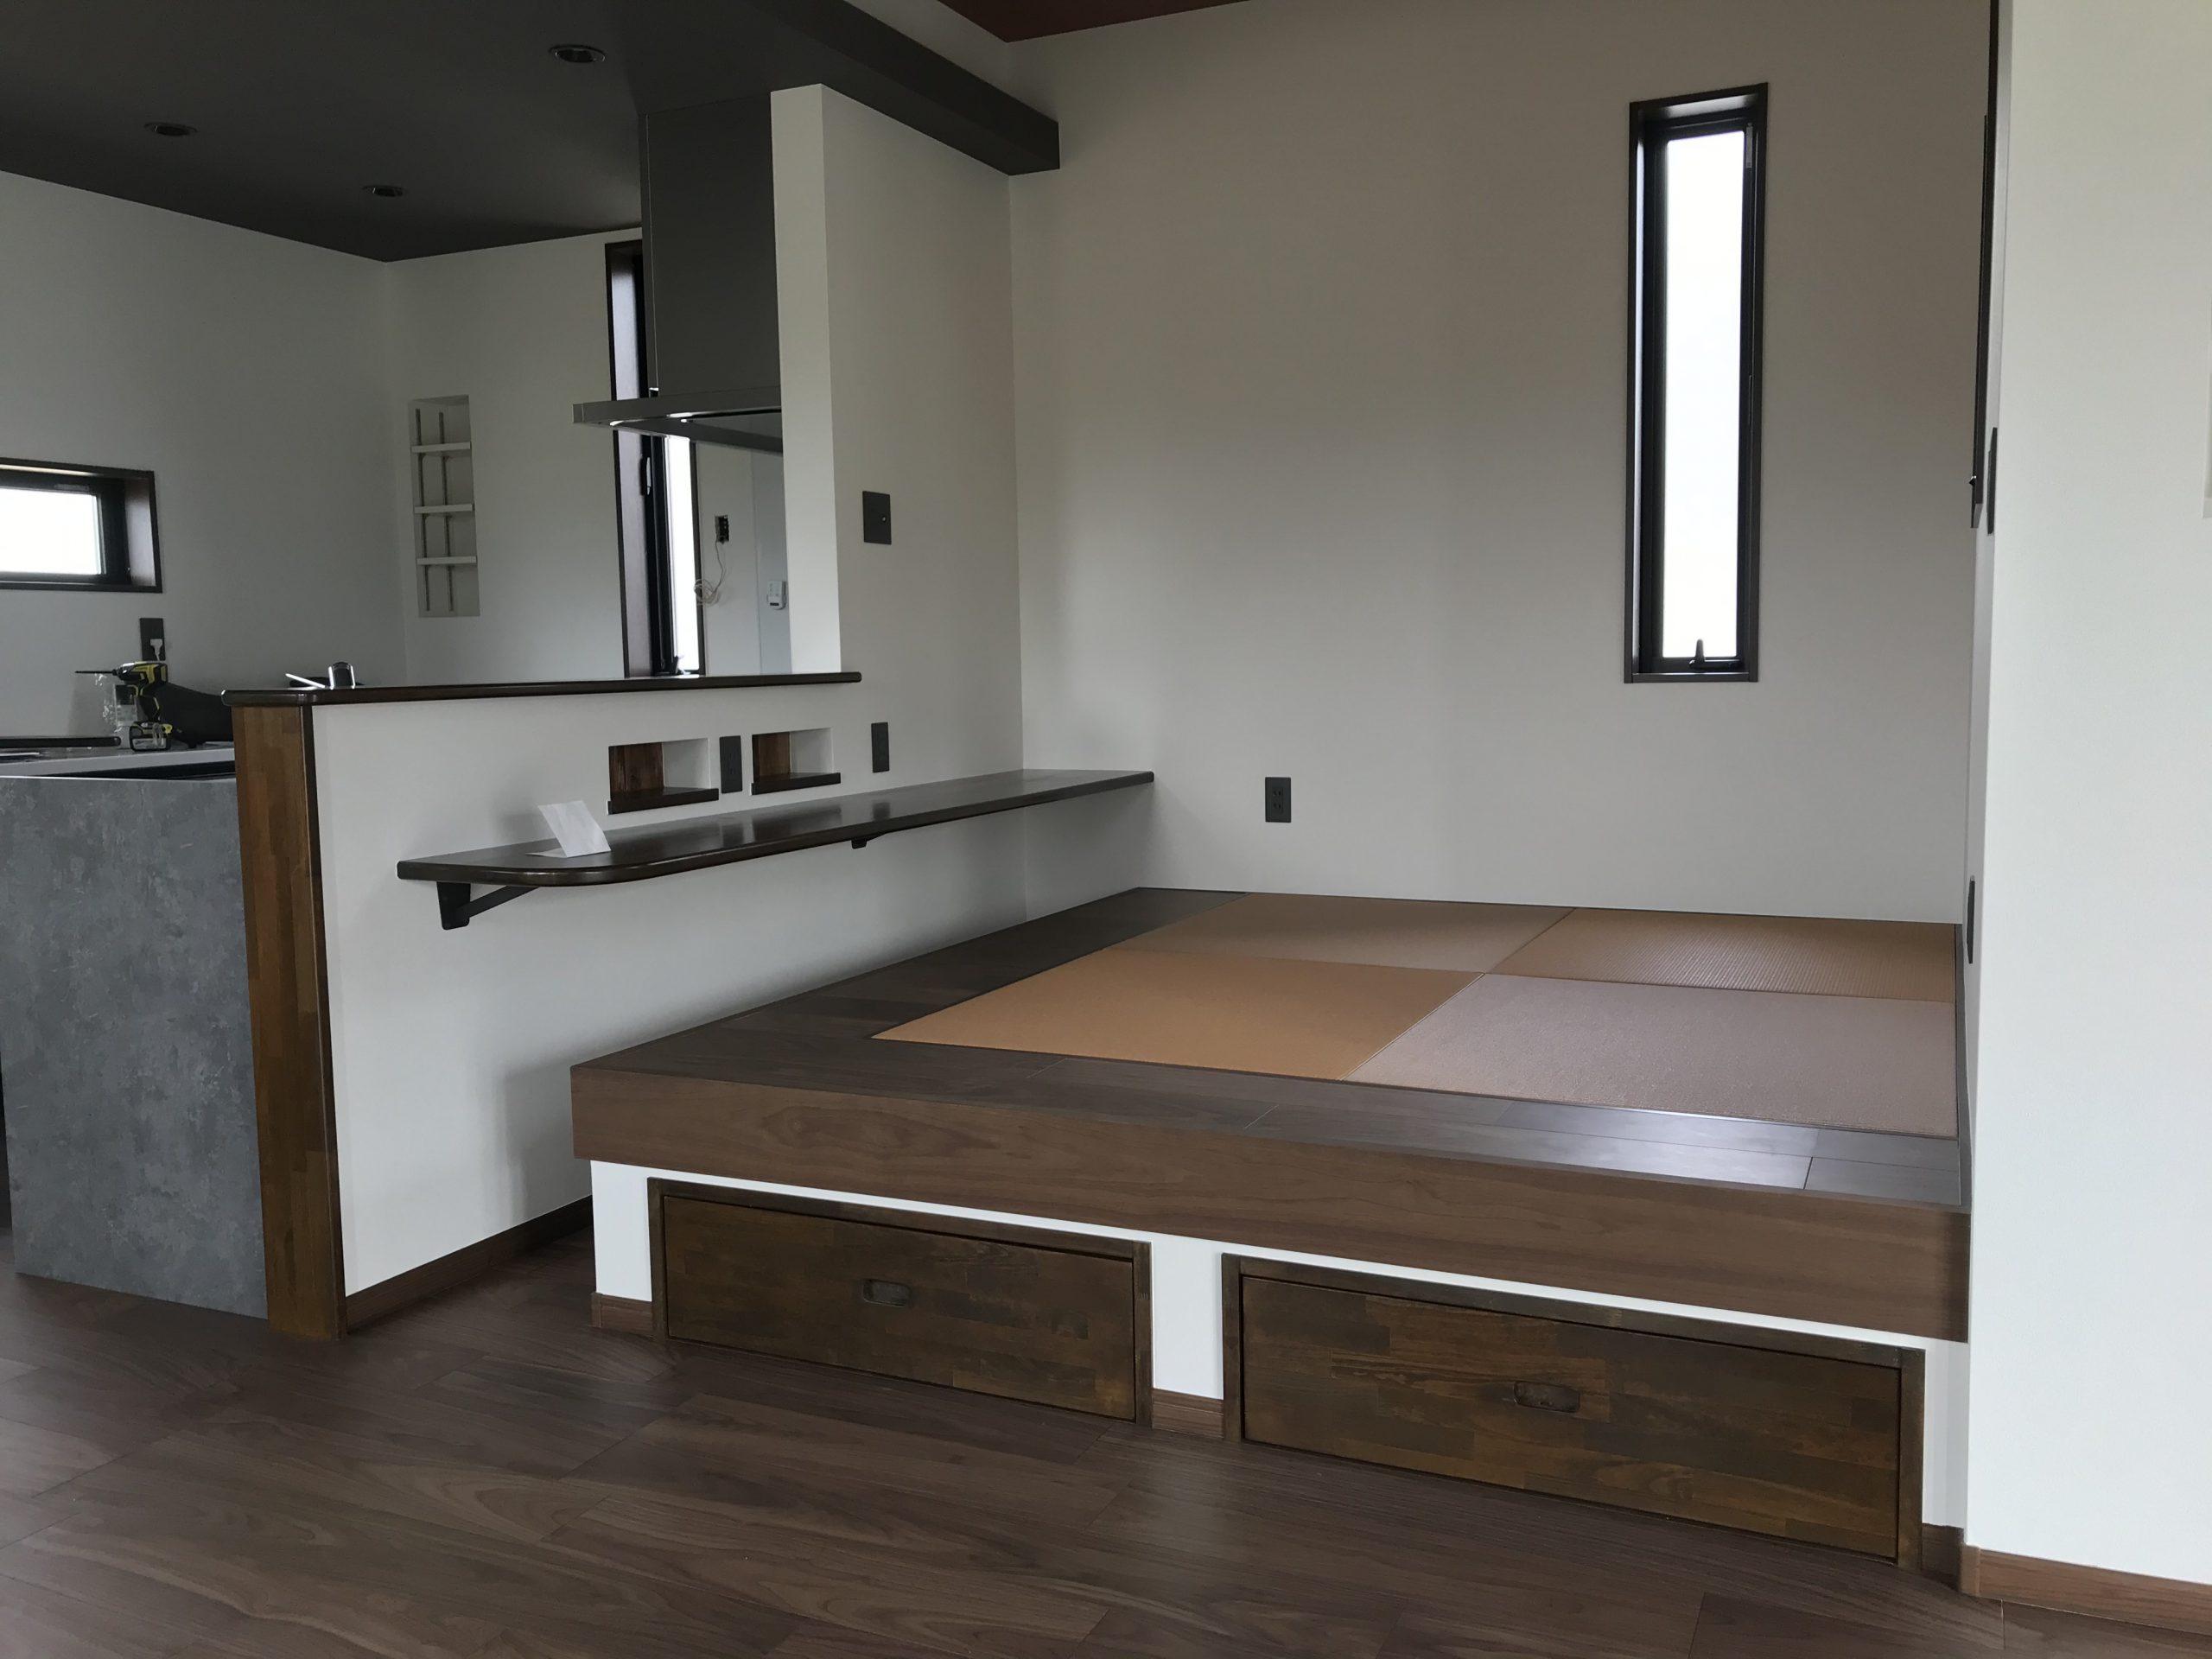 【畳】小上がりの畳コーナー